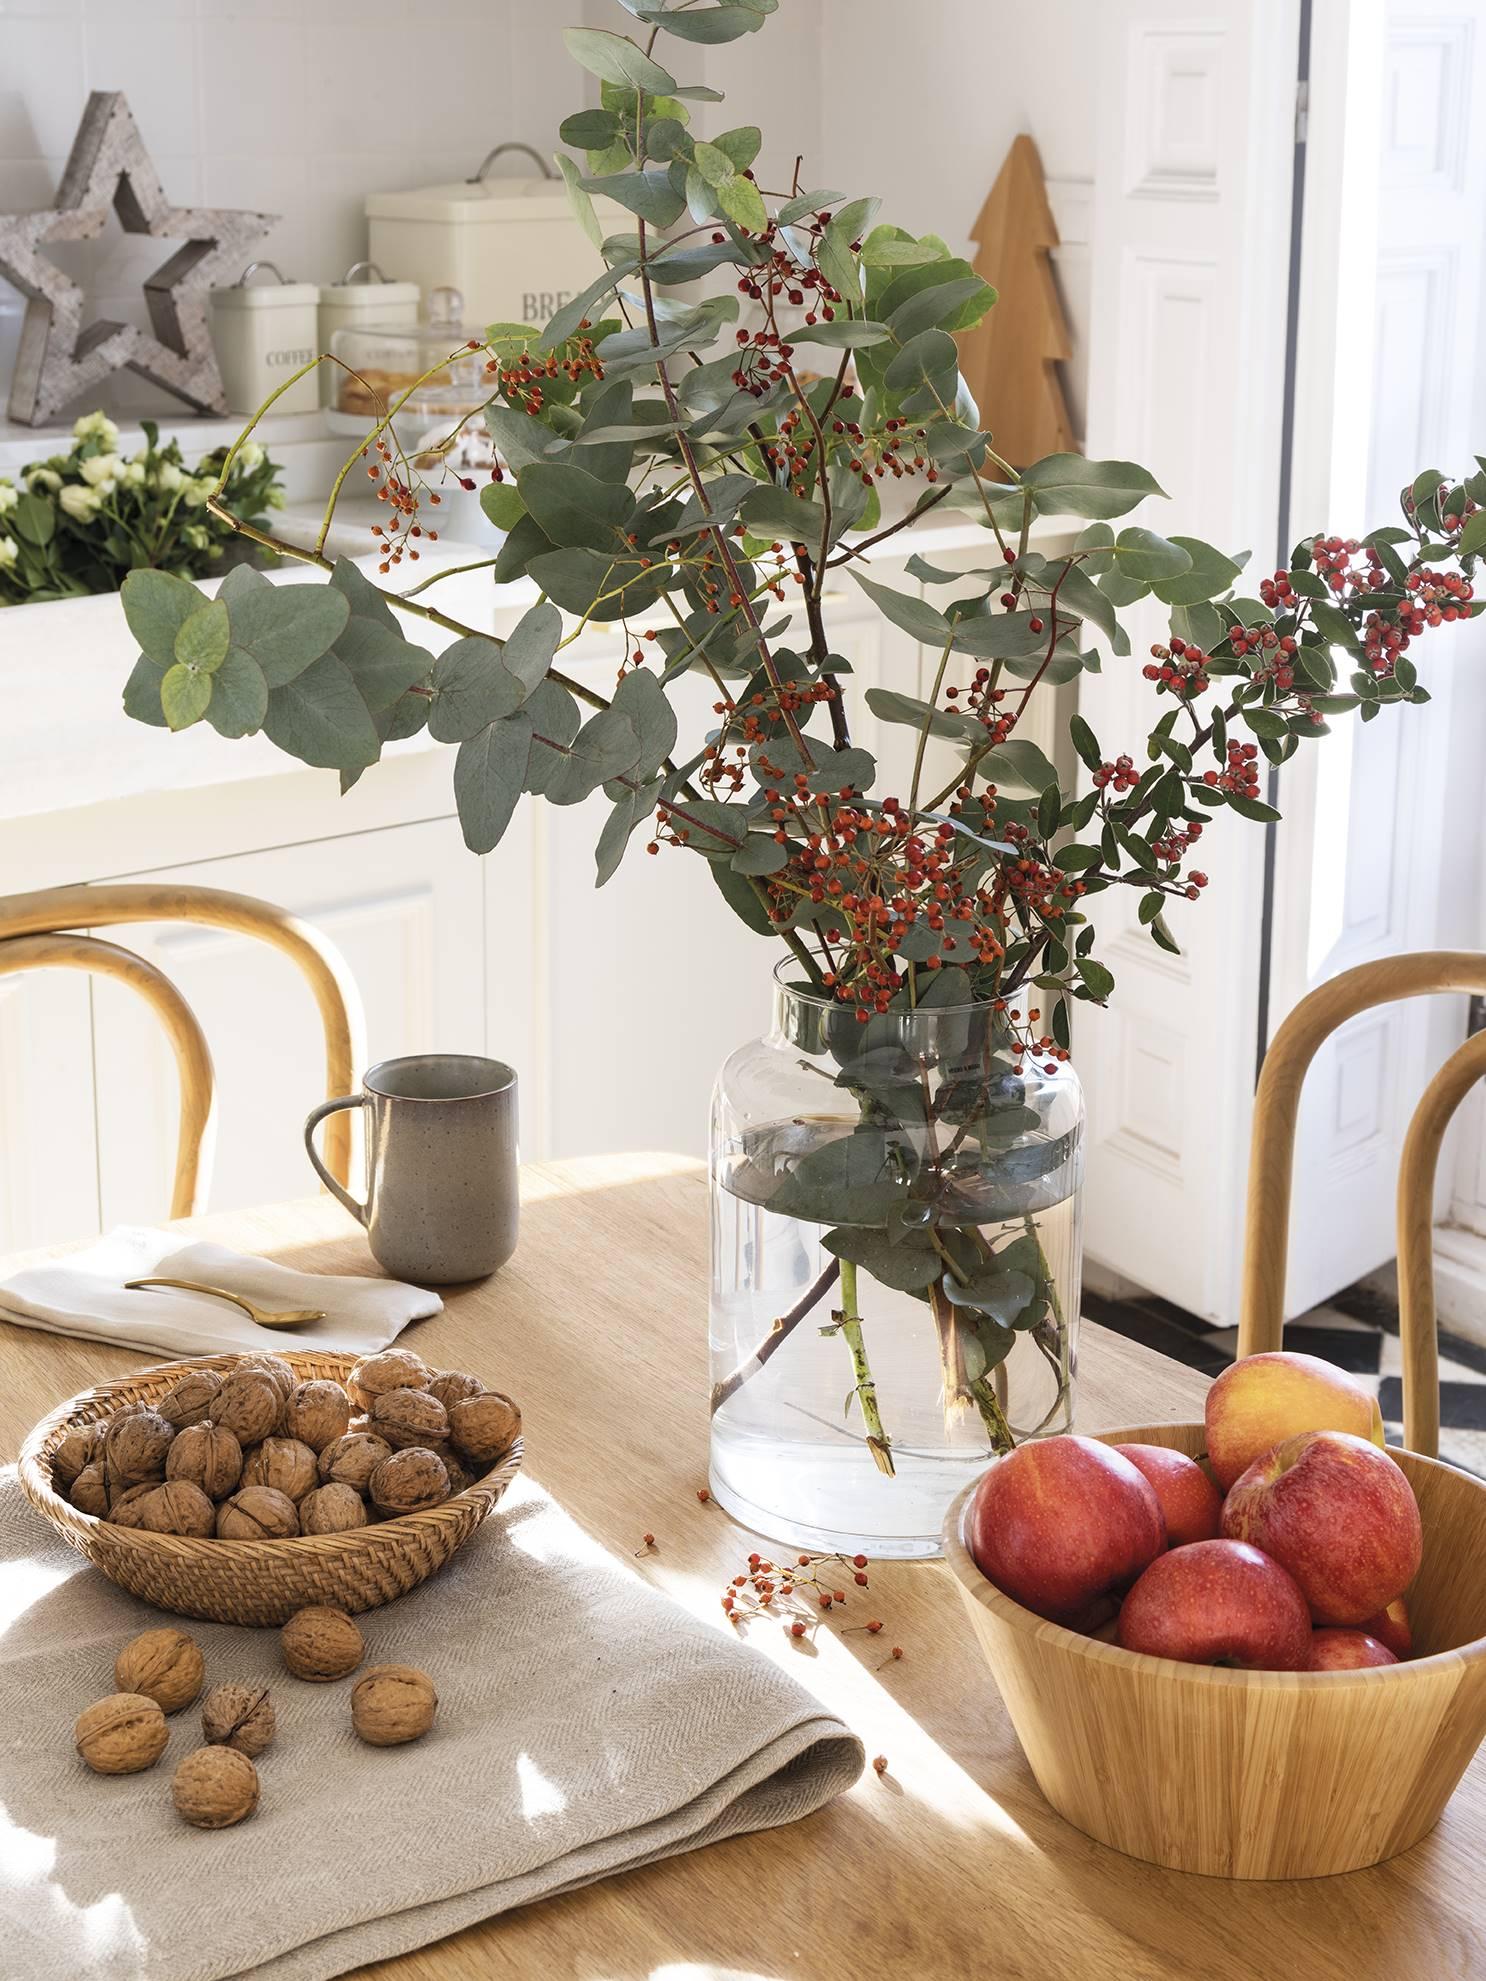 вазы с цветами фруктами орехами